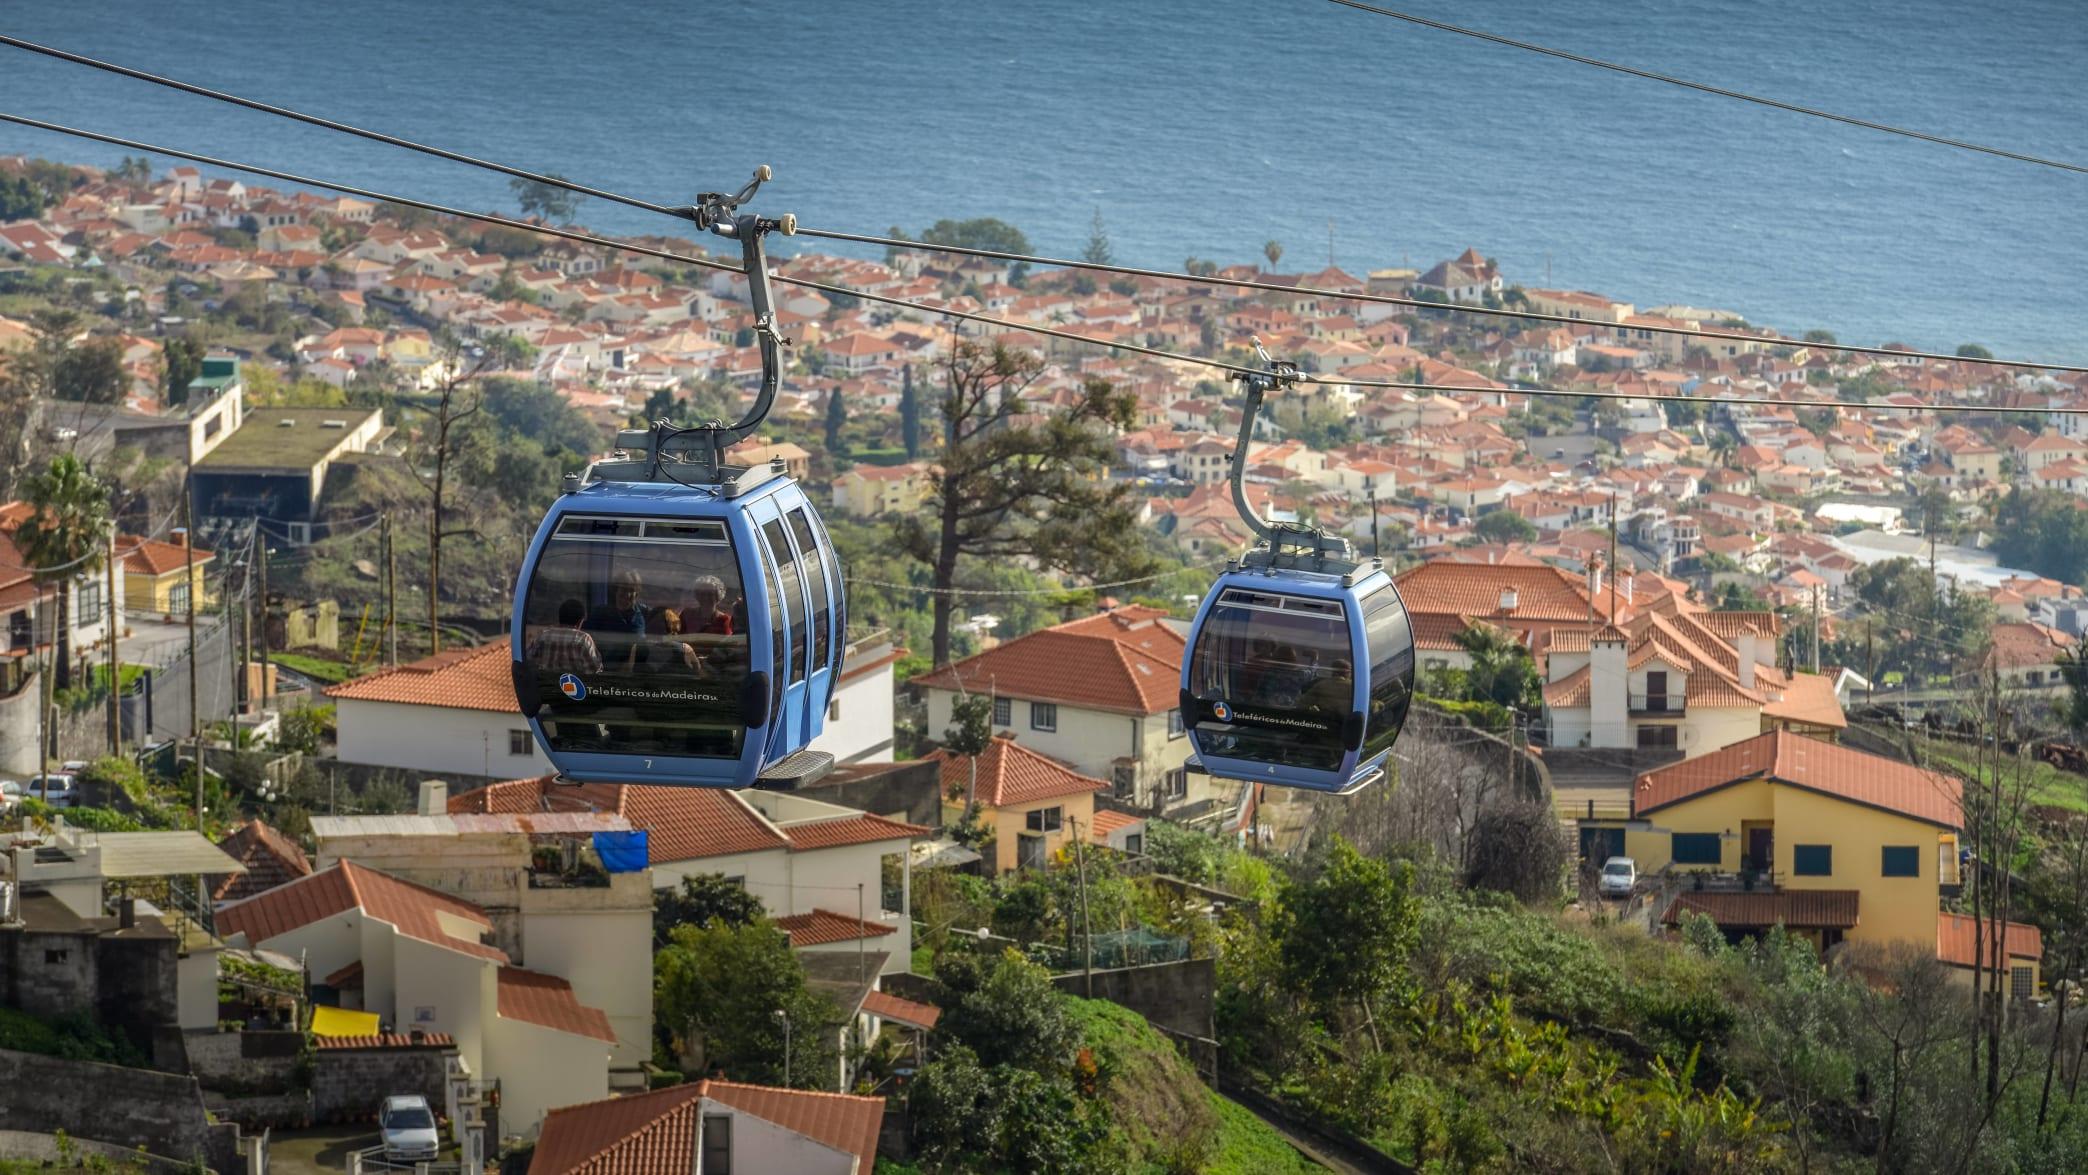 Seilbahn in Funchal auf Madeira